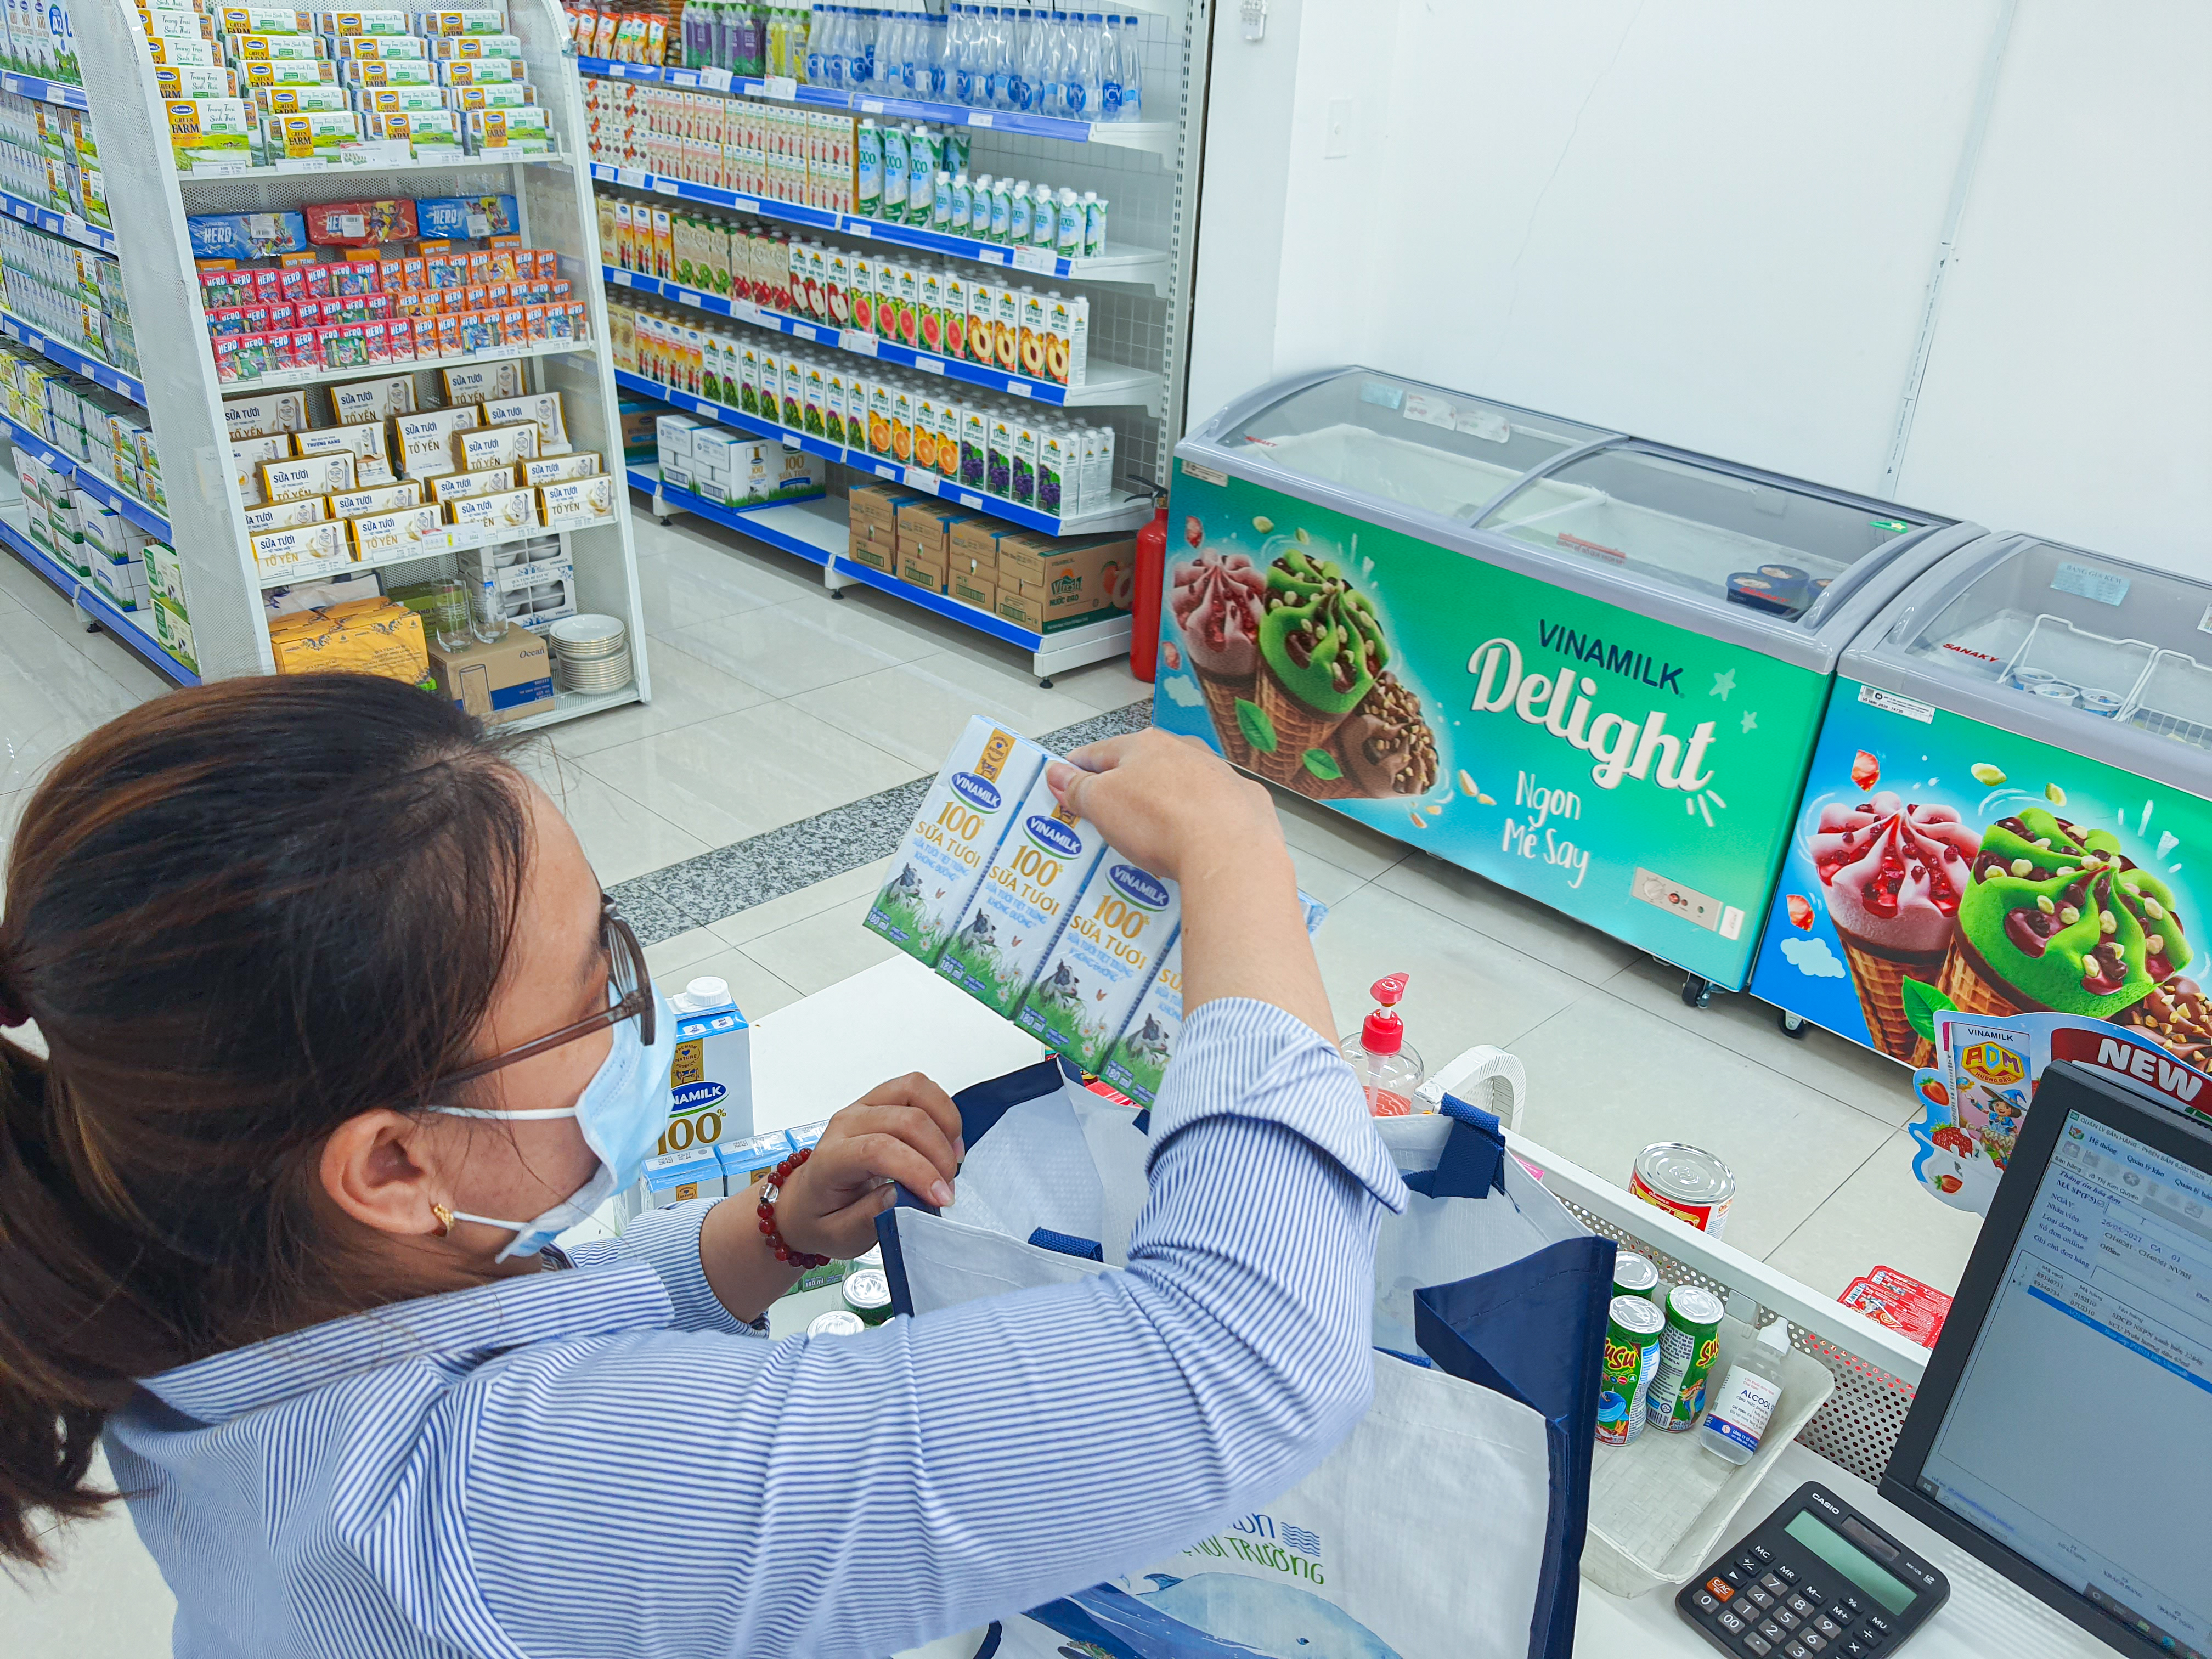 """Nhân viên của cửa hàng """"Giấc mơ sữa Việt"""" cẩn thận kiểm tra các sản phẩm trước khi giao đến tận nhà cho người tiêu dùng."""